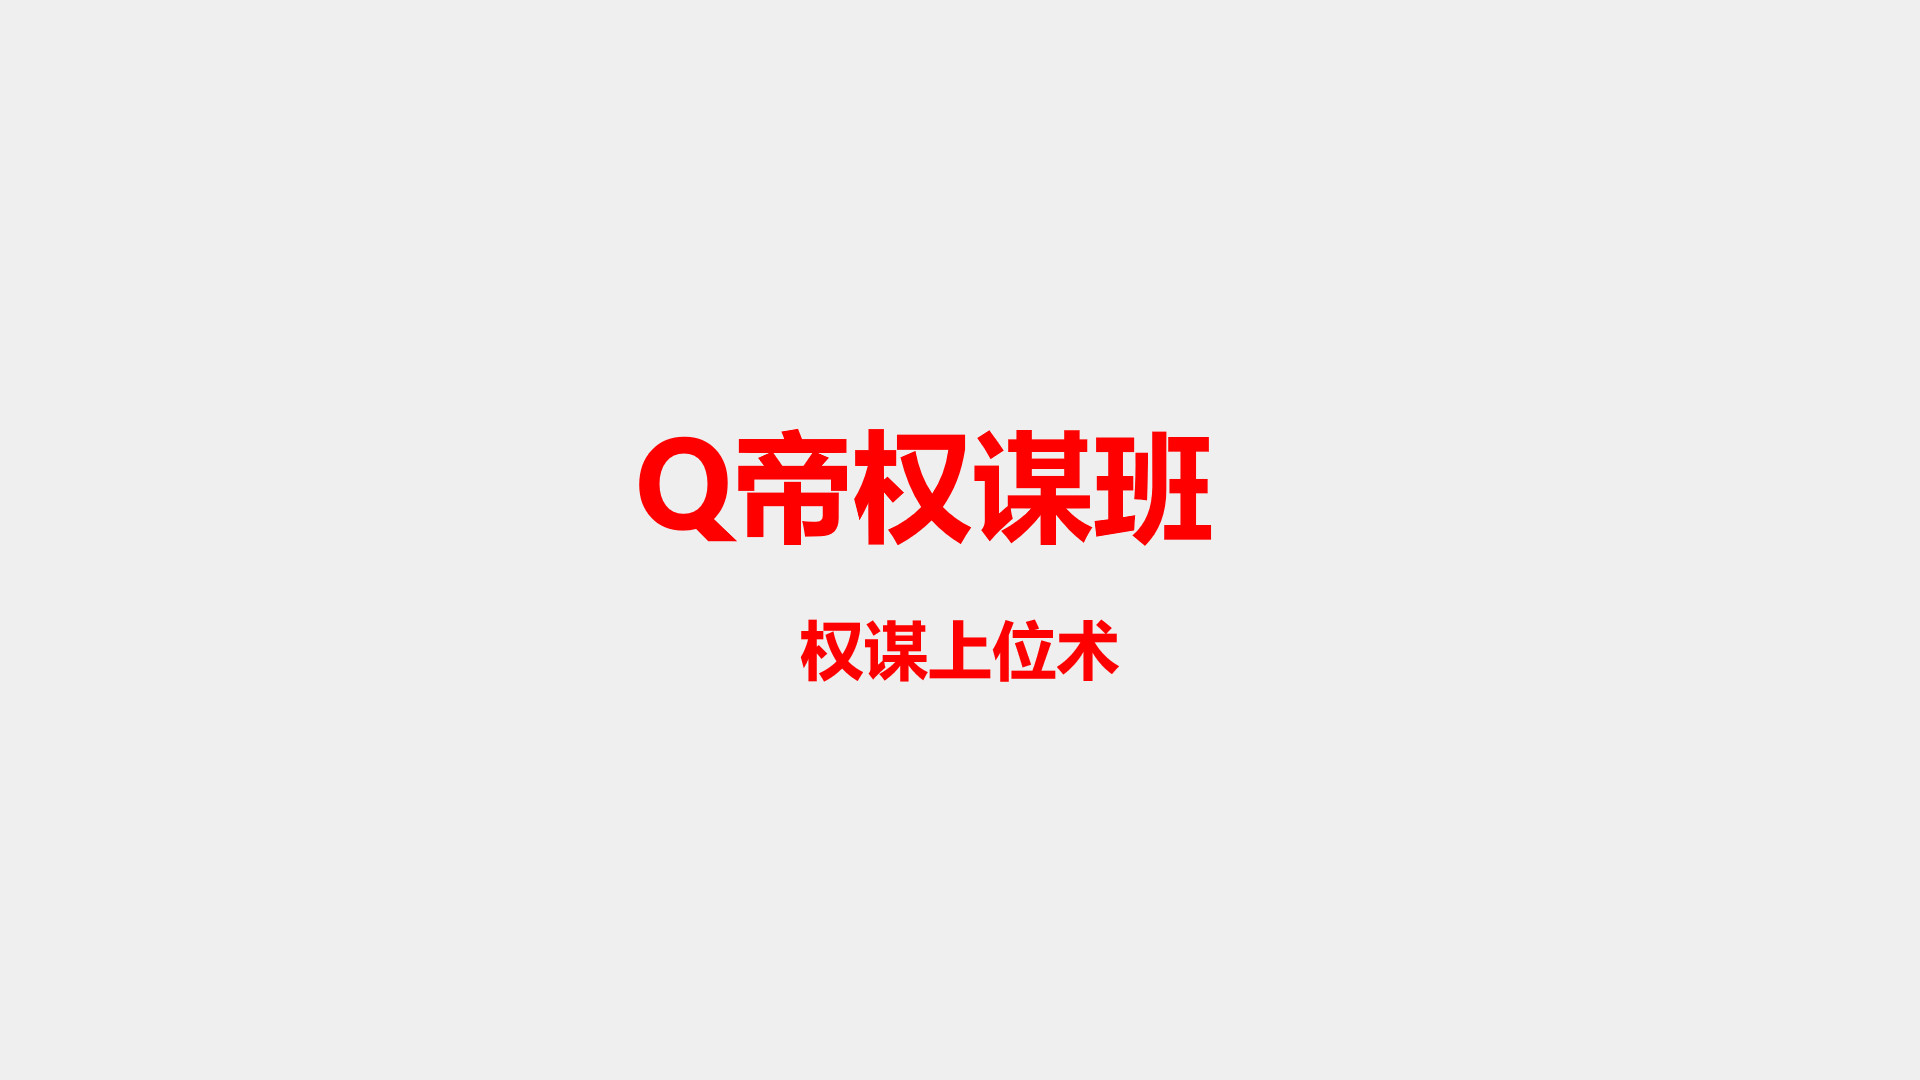 Q帝 权谋班 1期